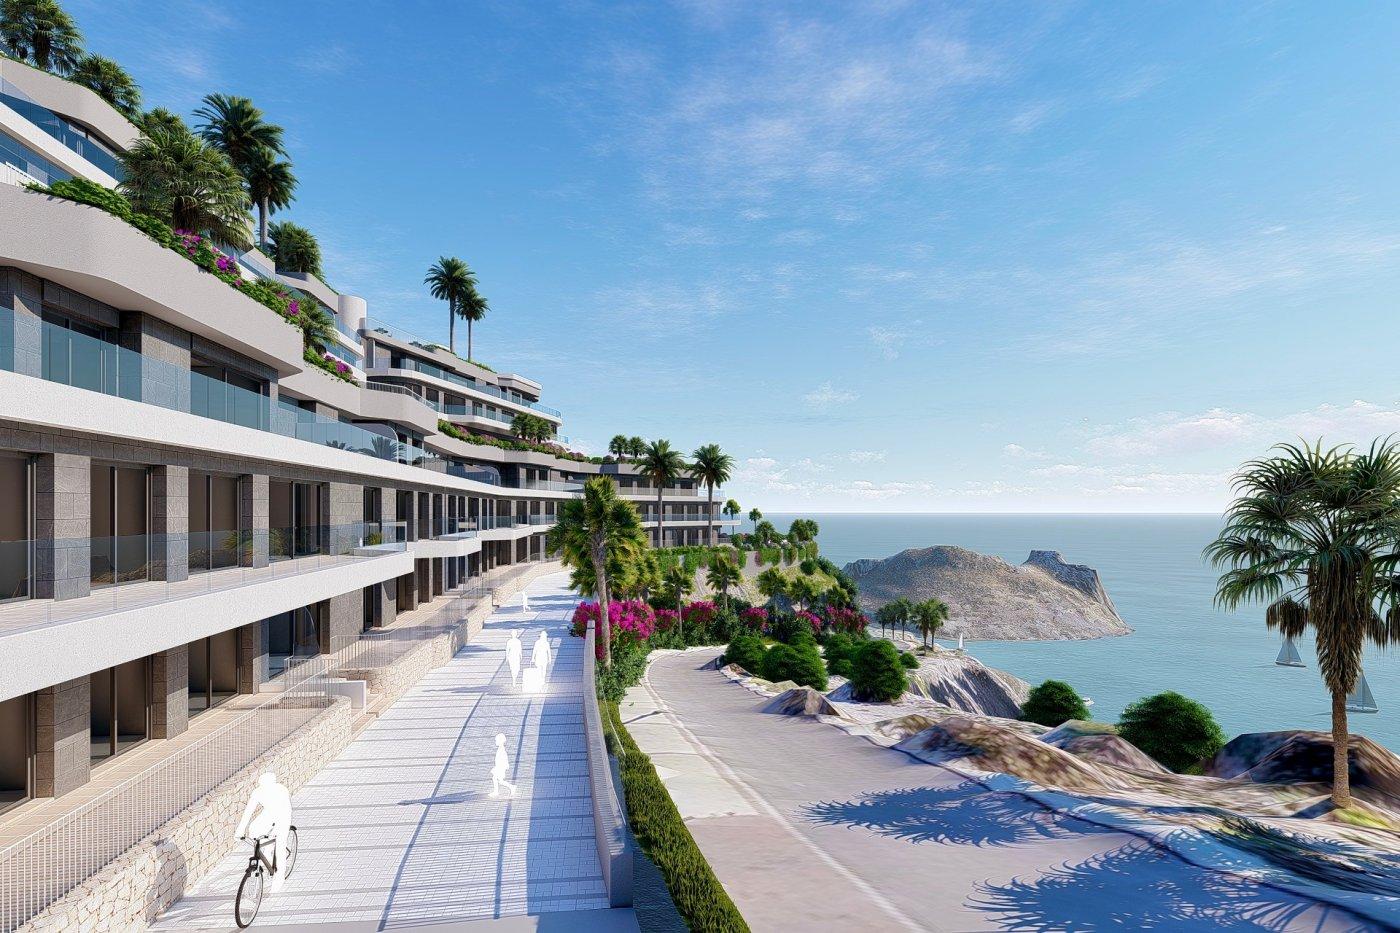 Imagen de la galería 4 of Se Vende Apartamento en Isea Calma, águilas Con Piscina